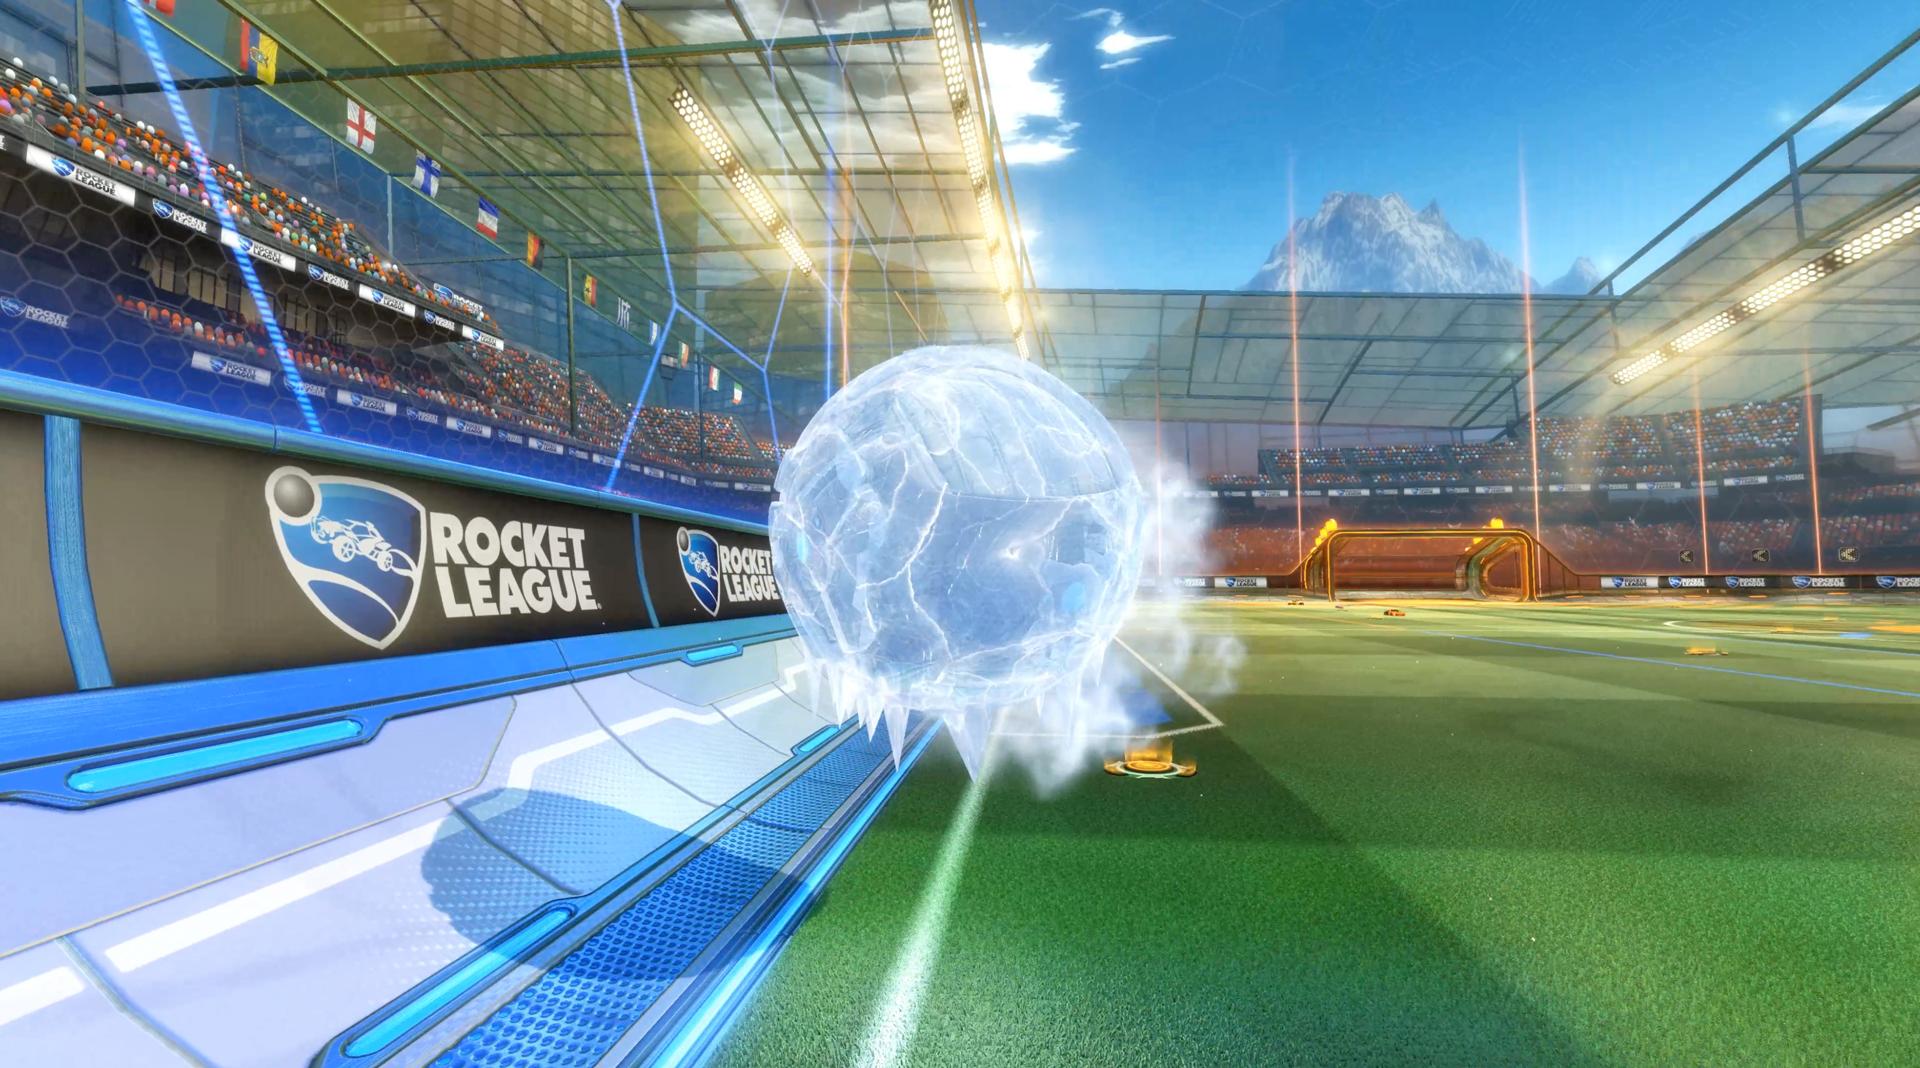 Rocket League dostane herní mód Rumble, který obsahuje power-upy 128170